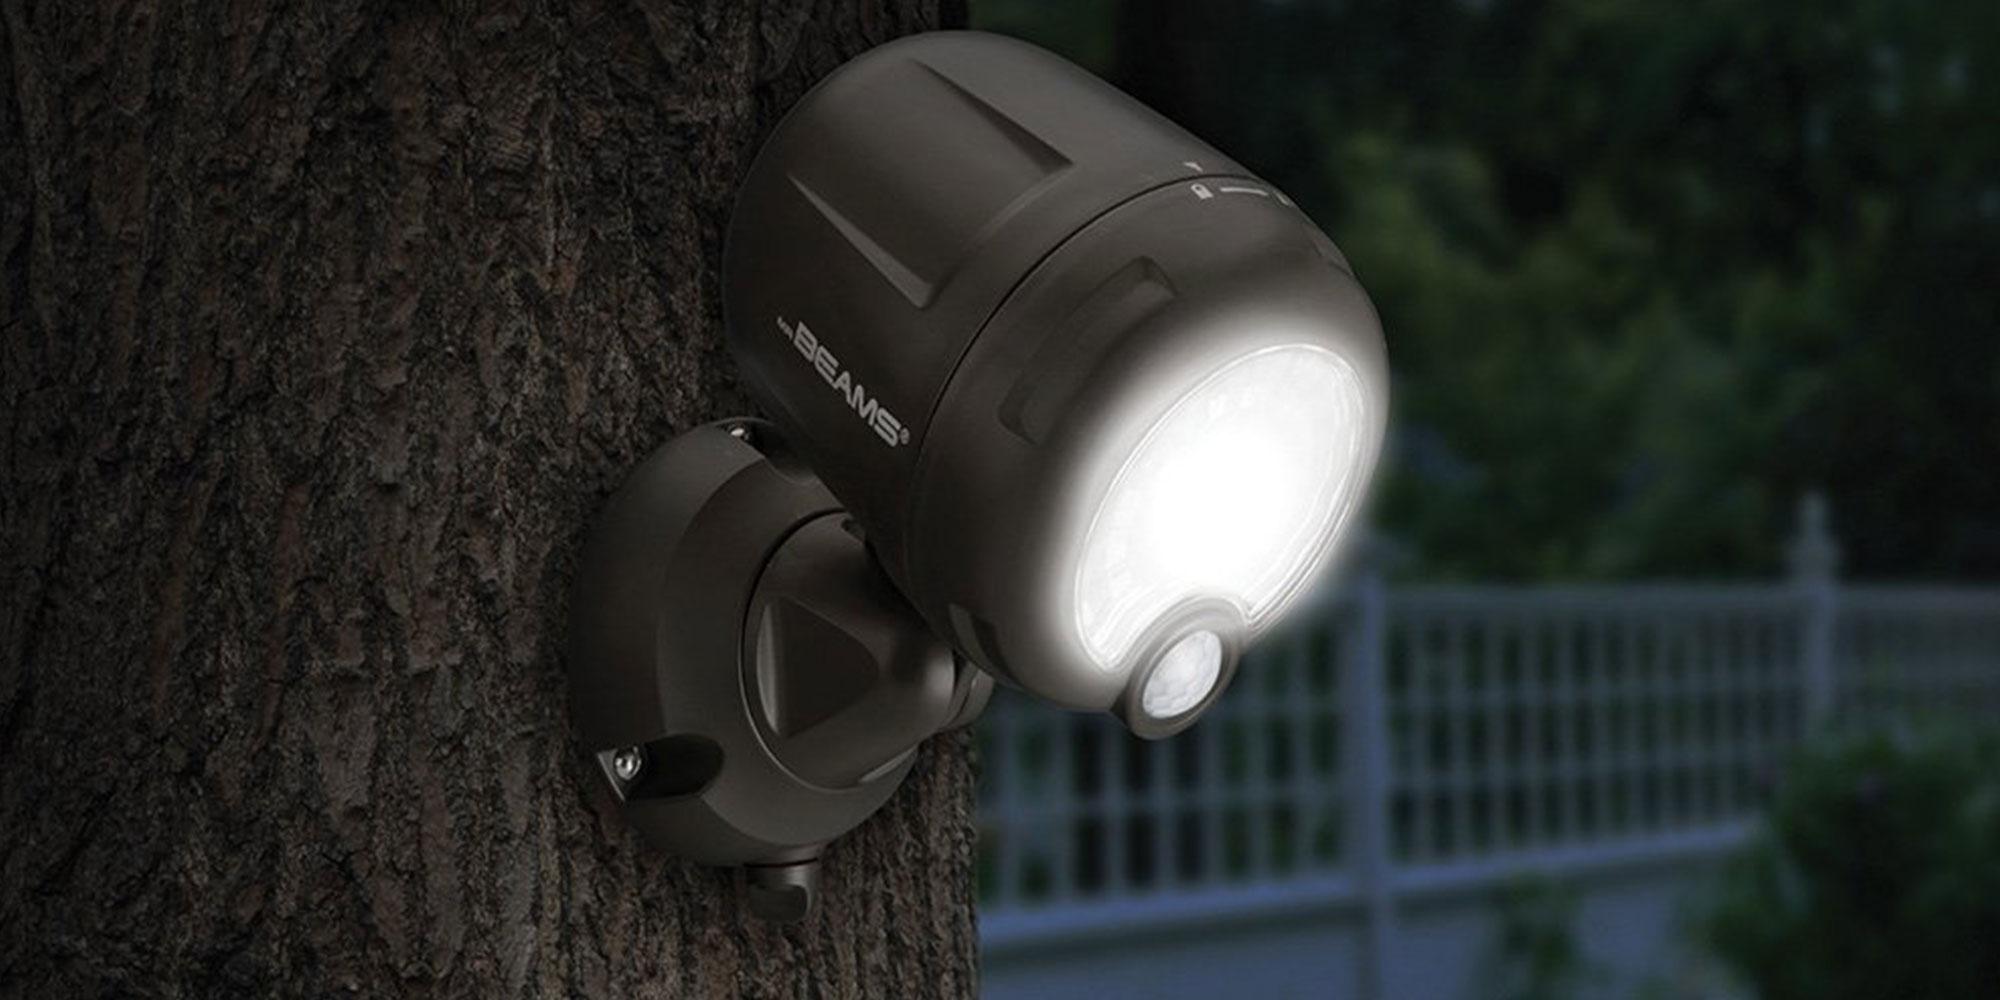 Mr Beams light sale at Amazon illuminates any area from $14 Prime shipped